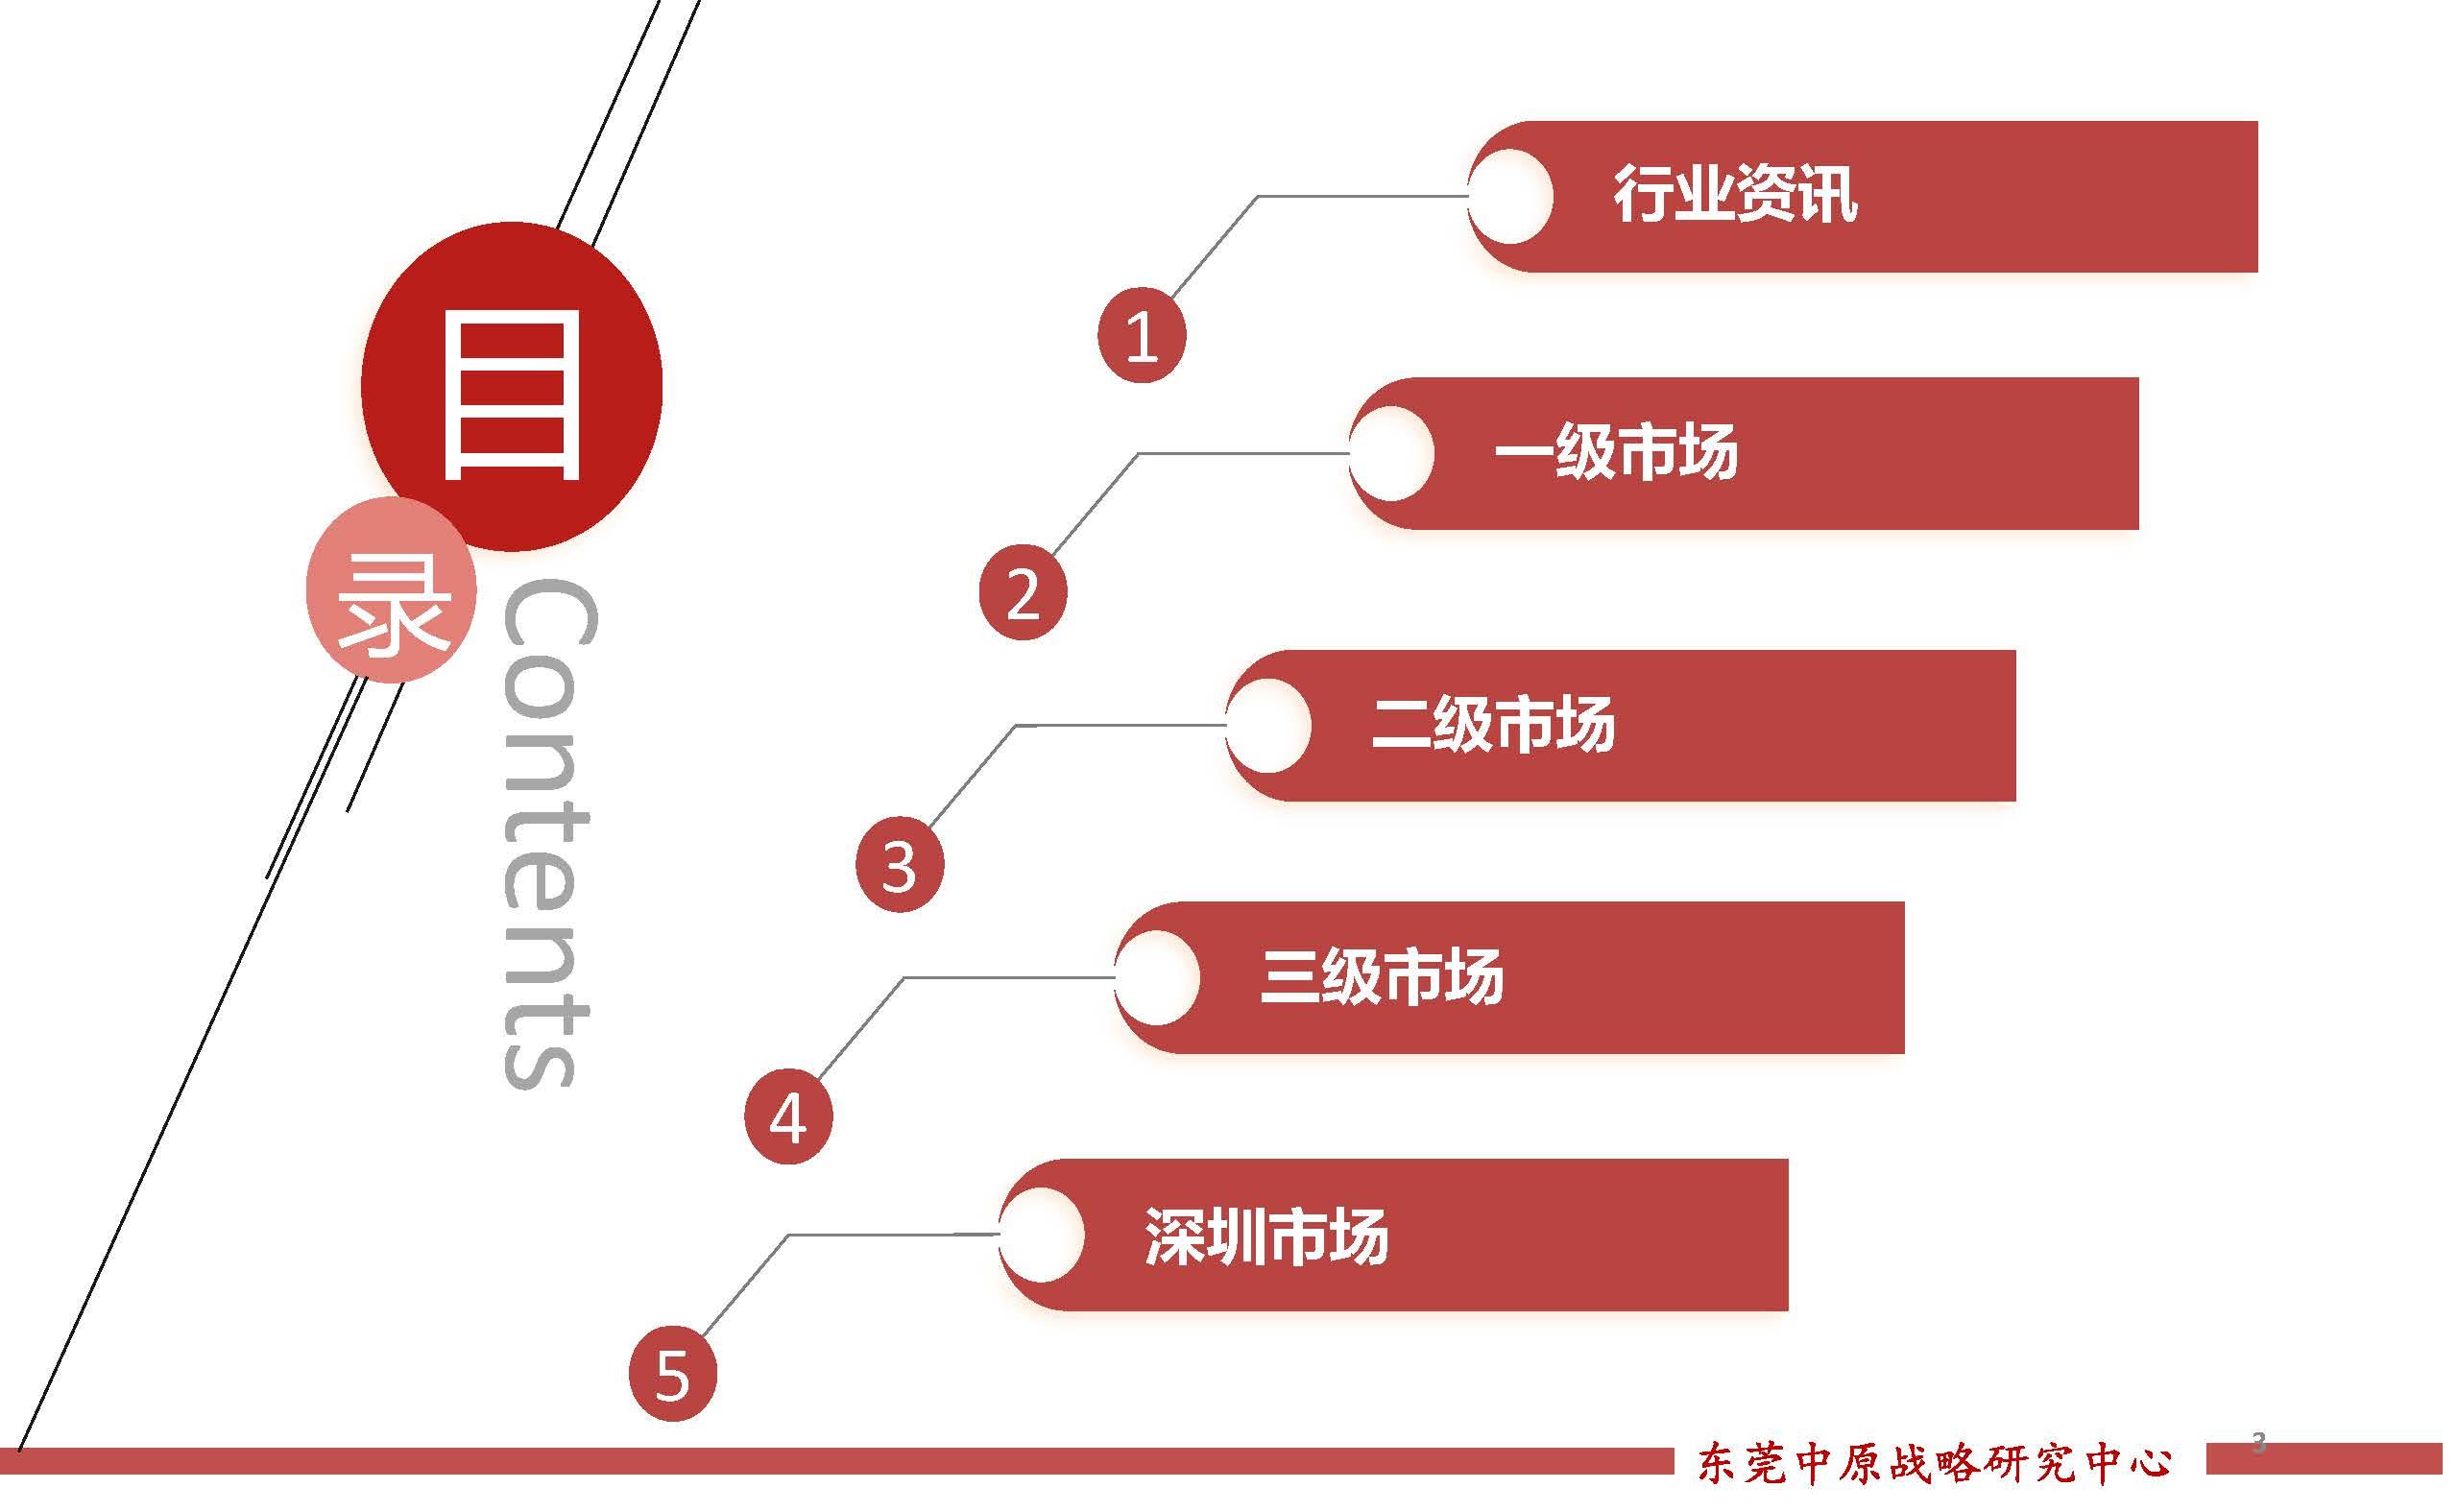 东莞楼市周刊第695期(2019.07.29-2019.08.04)_页面_03.jpg